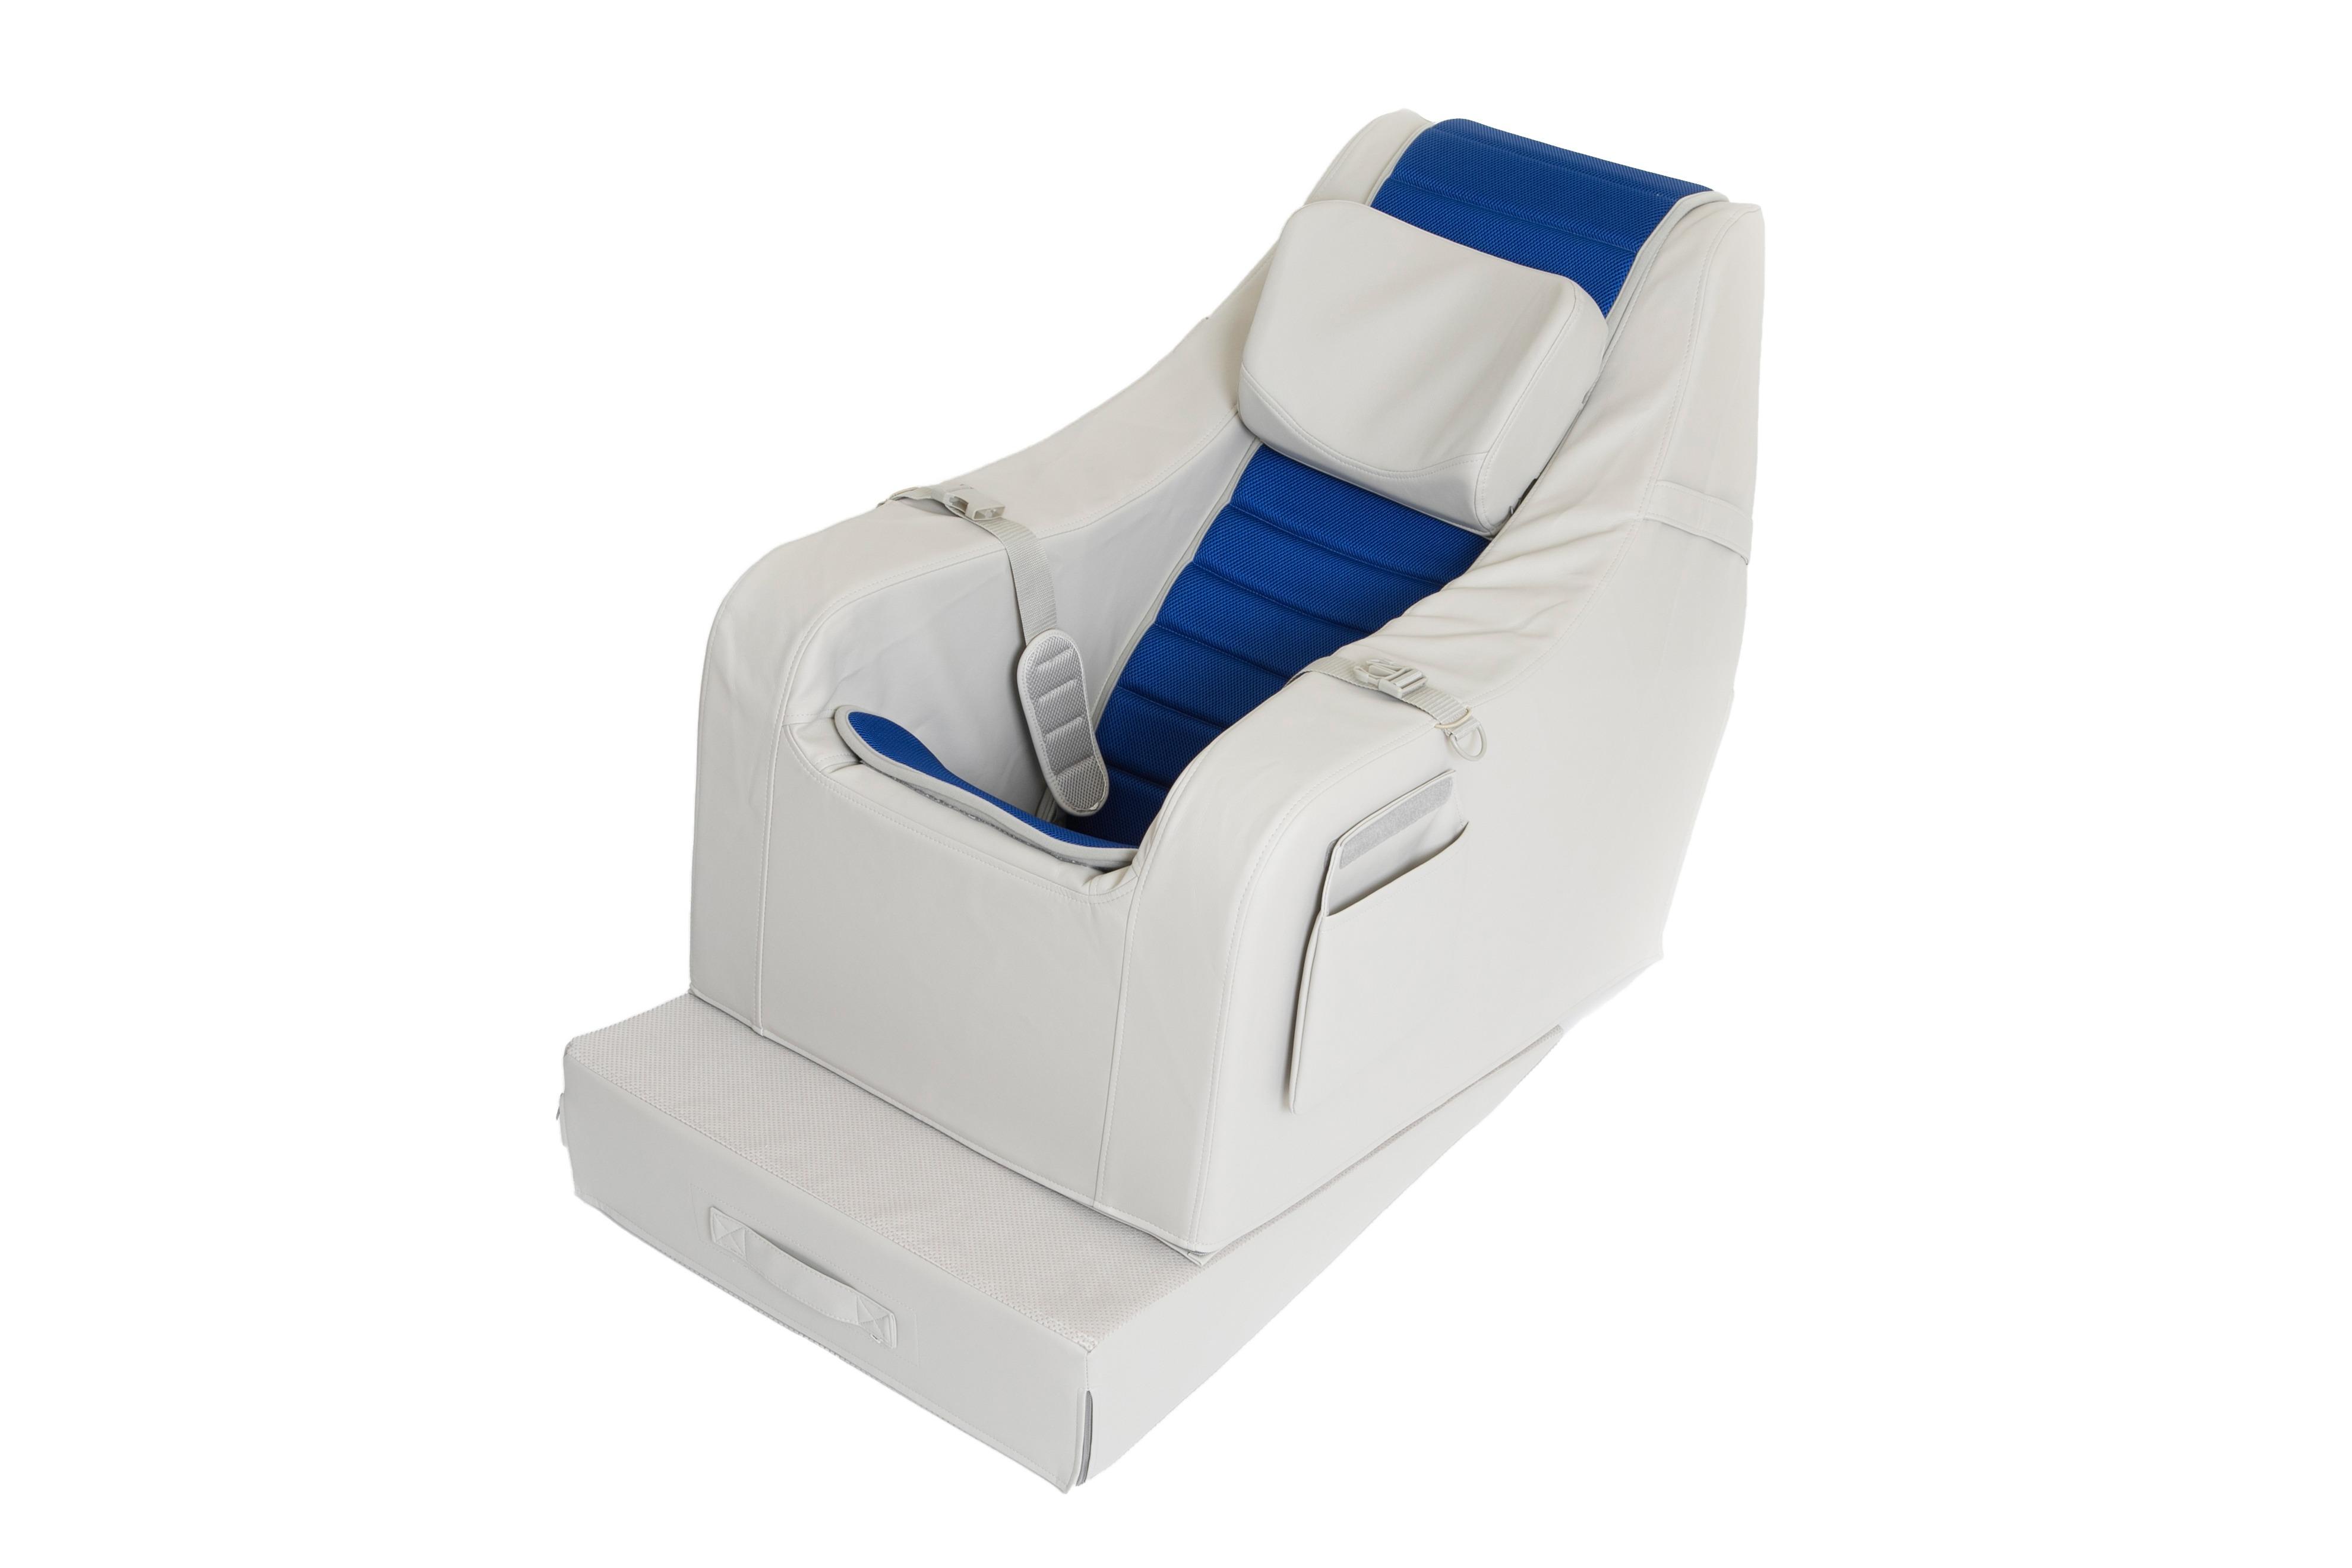 Zitzak Voor Gehandicapten.Gravity Chair B S Onbeperkt In Beweging